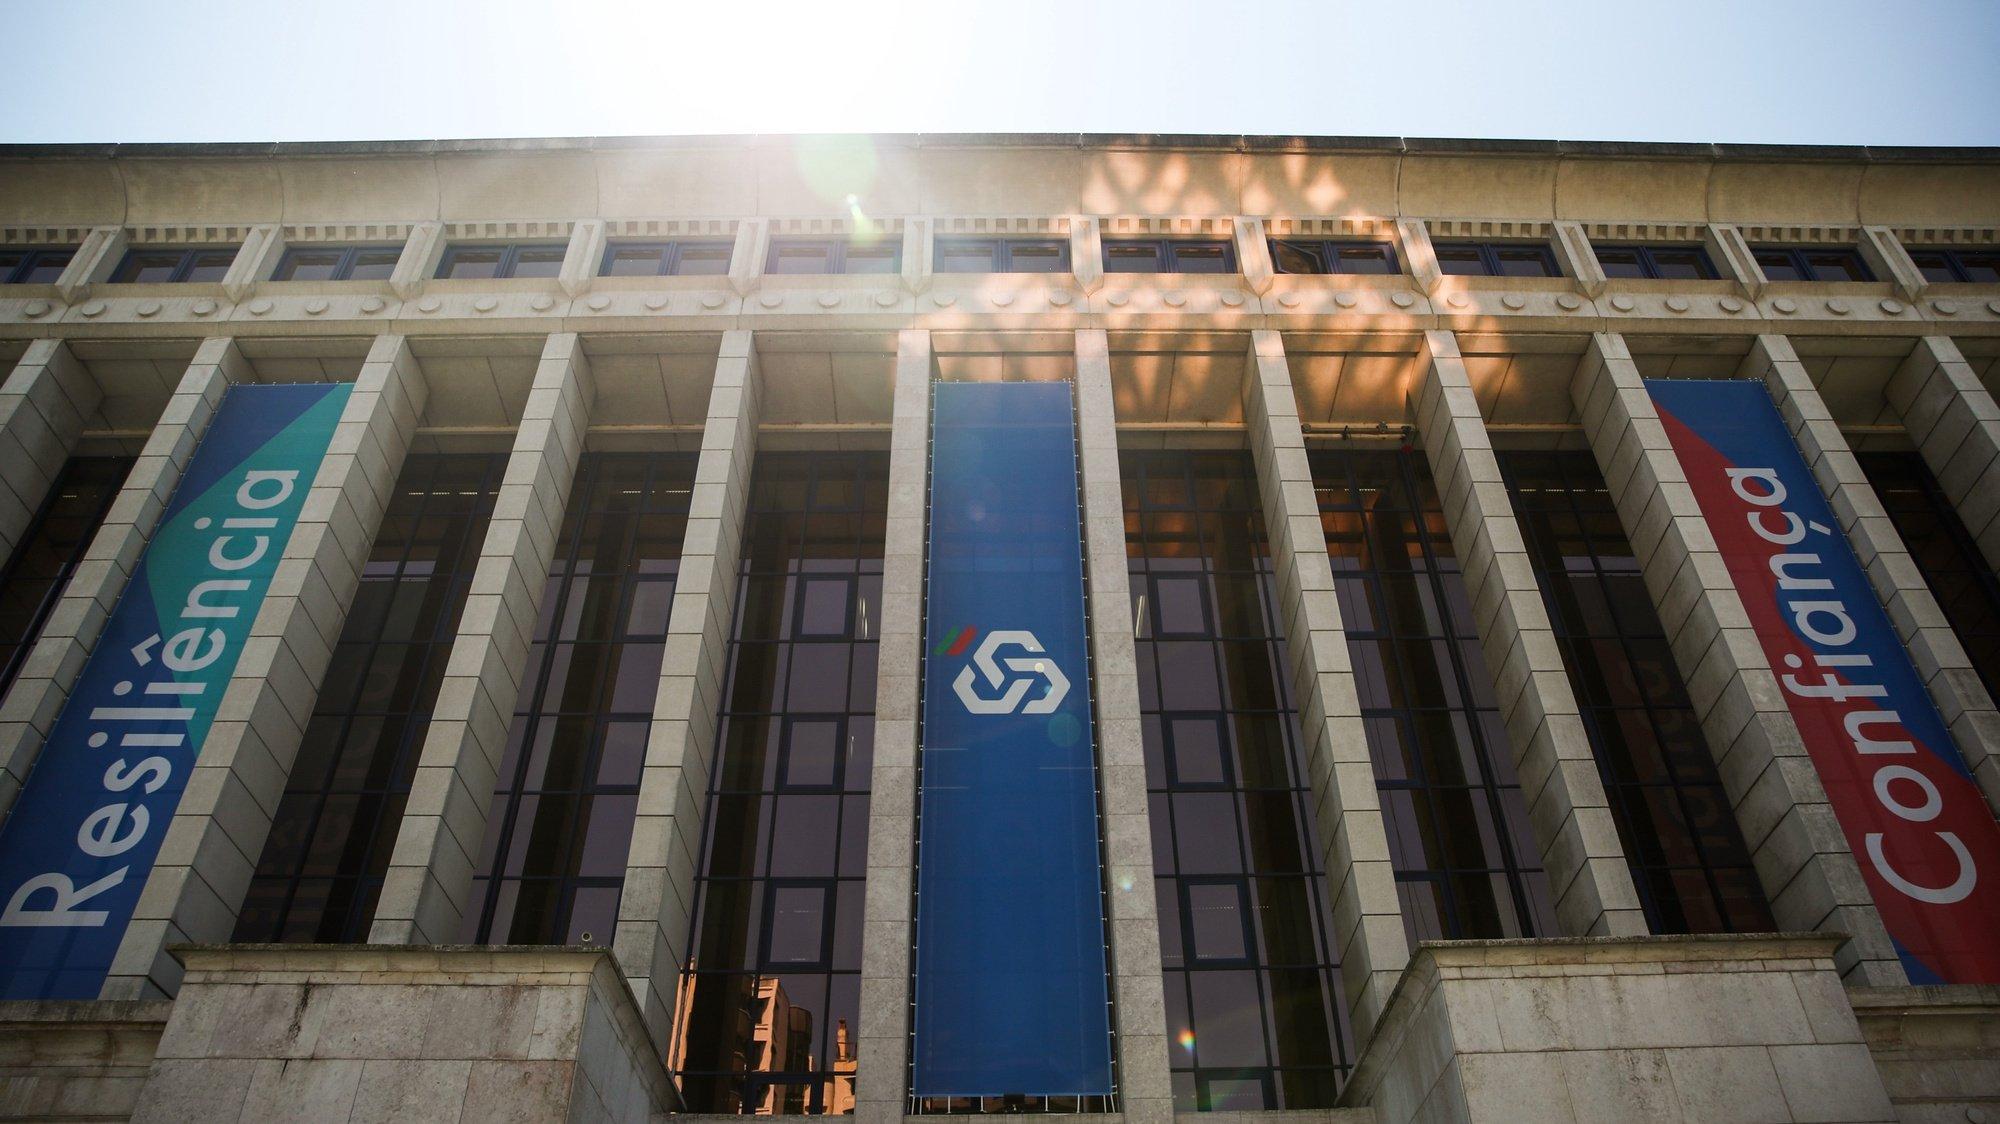 Sede da Caixa Geral de Depósitos (CGD), em Lisboa, 9 de agosto de 2021. MÁRIO CRUZ/LUSA